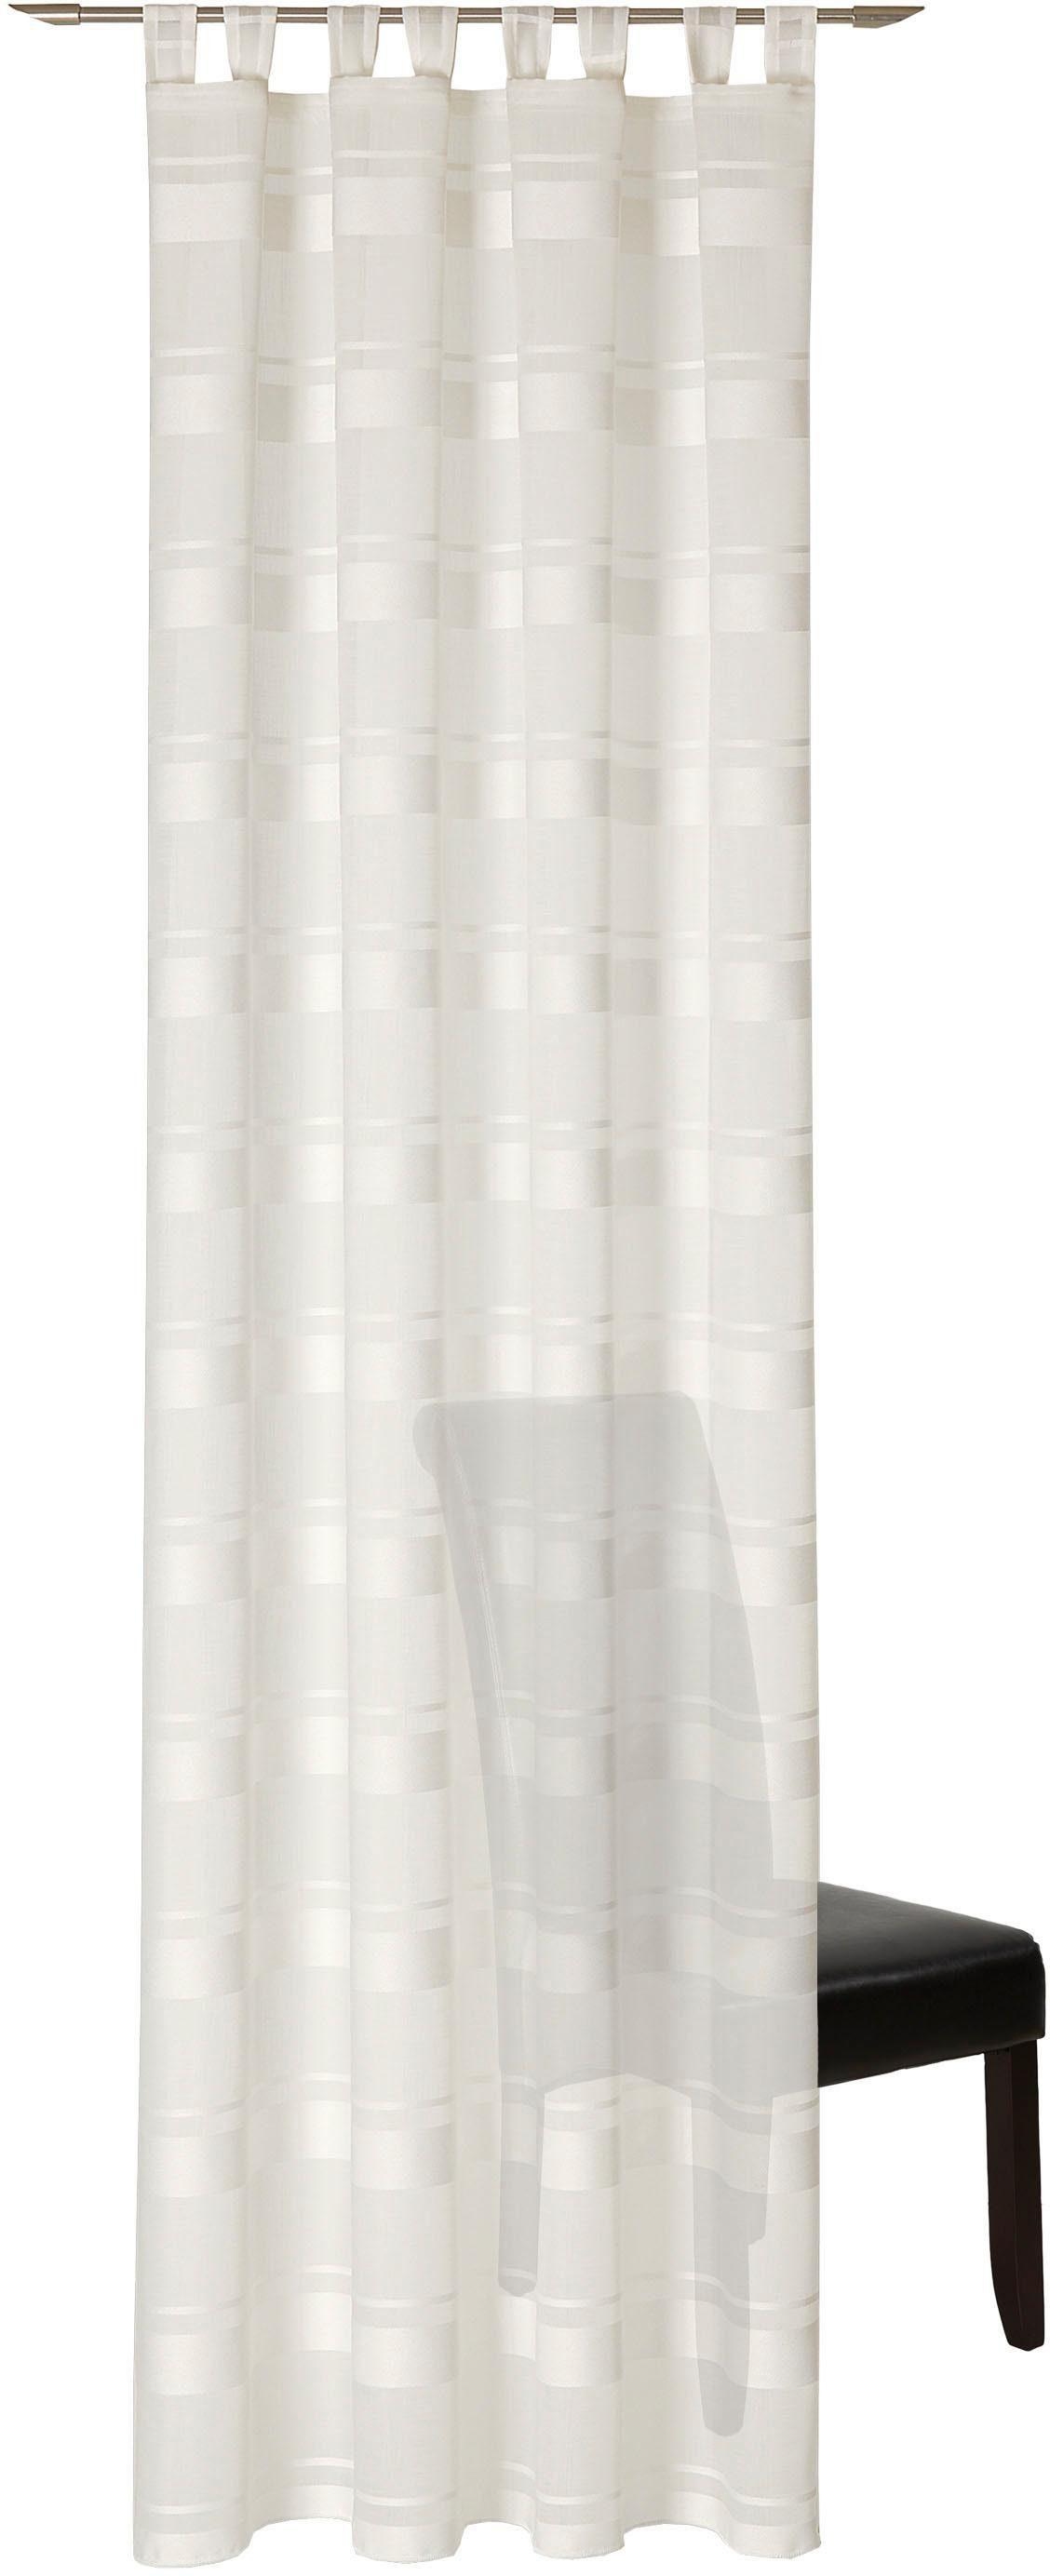 Vorhang »Sylt«, DEKO TRENDS, Schlaufen (1 Stück), Schlaufenschal mit 8 Schlaufen